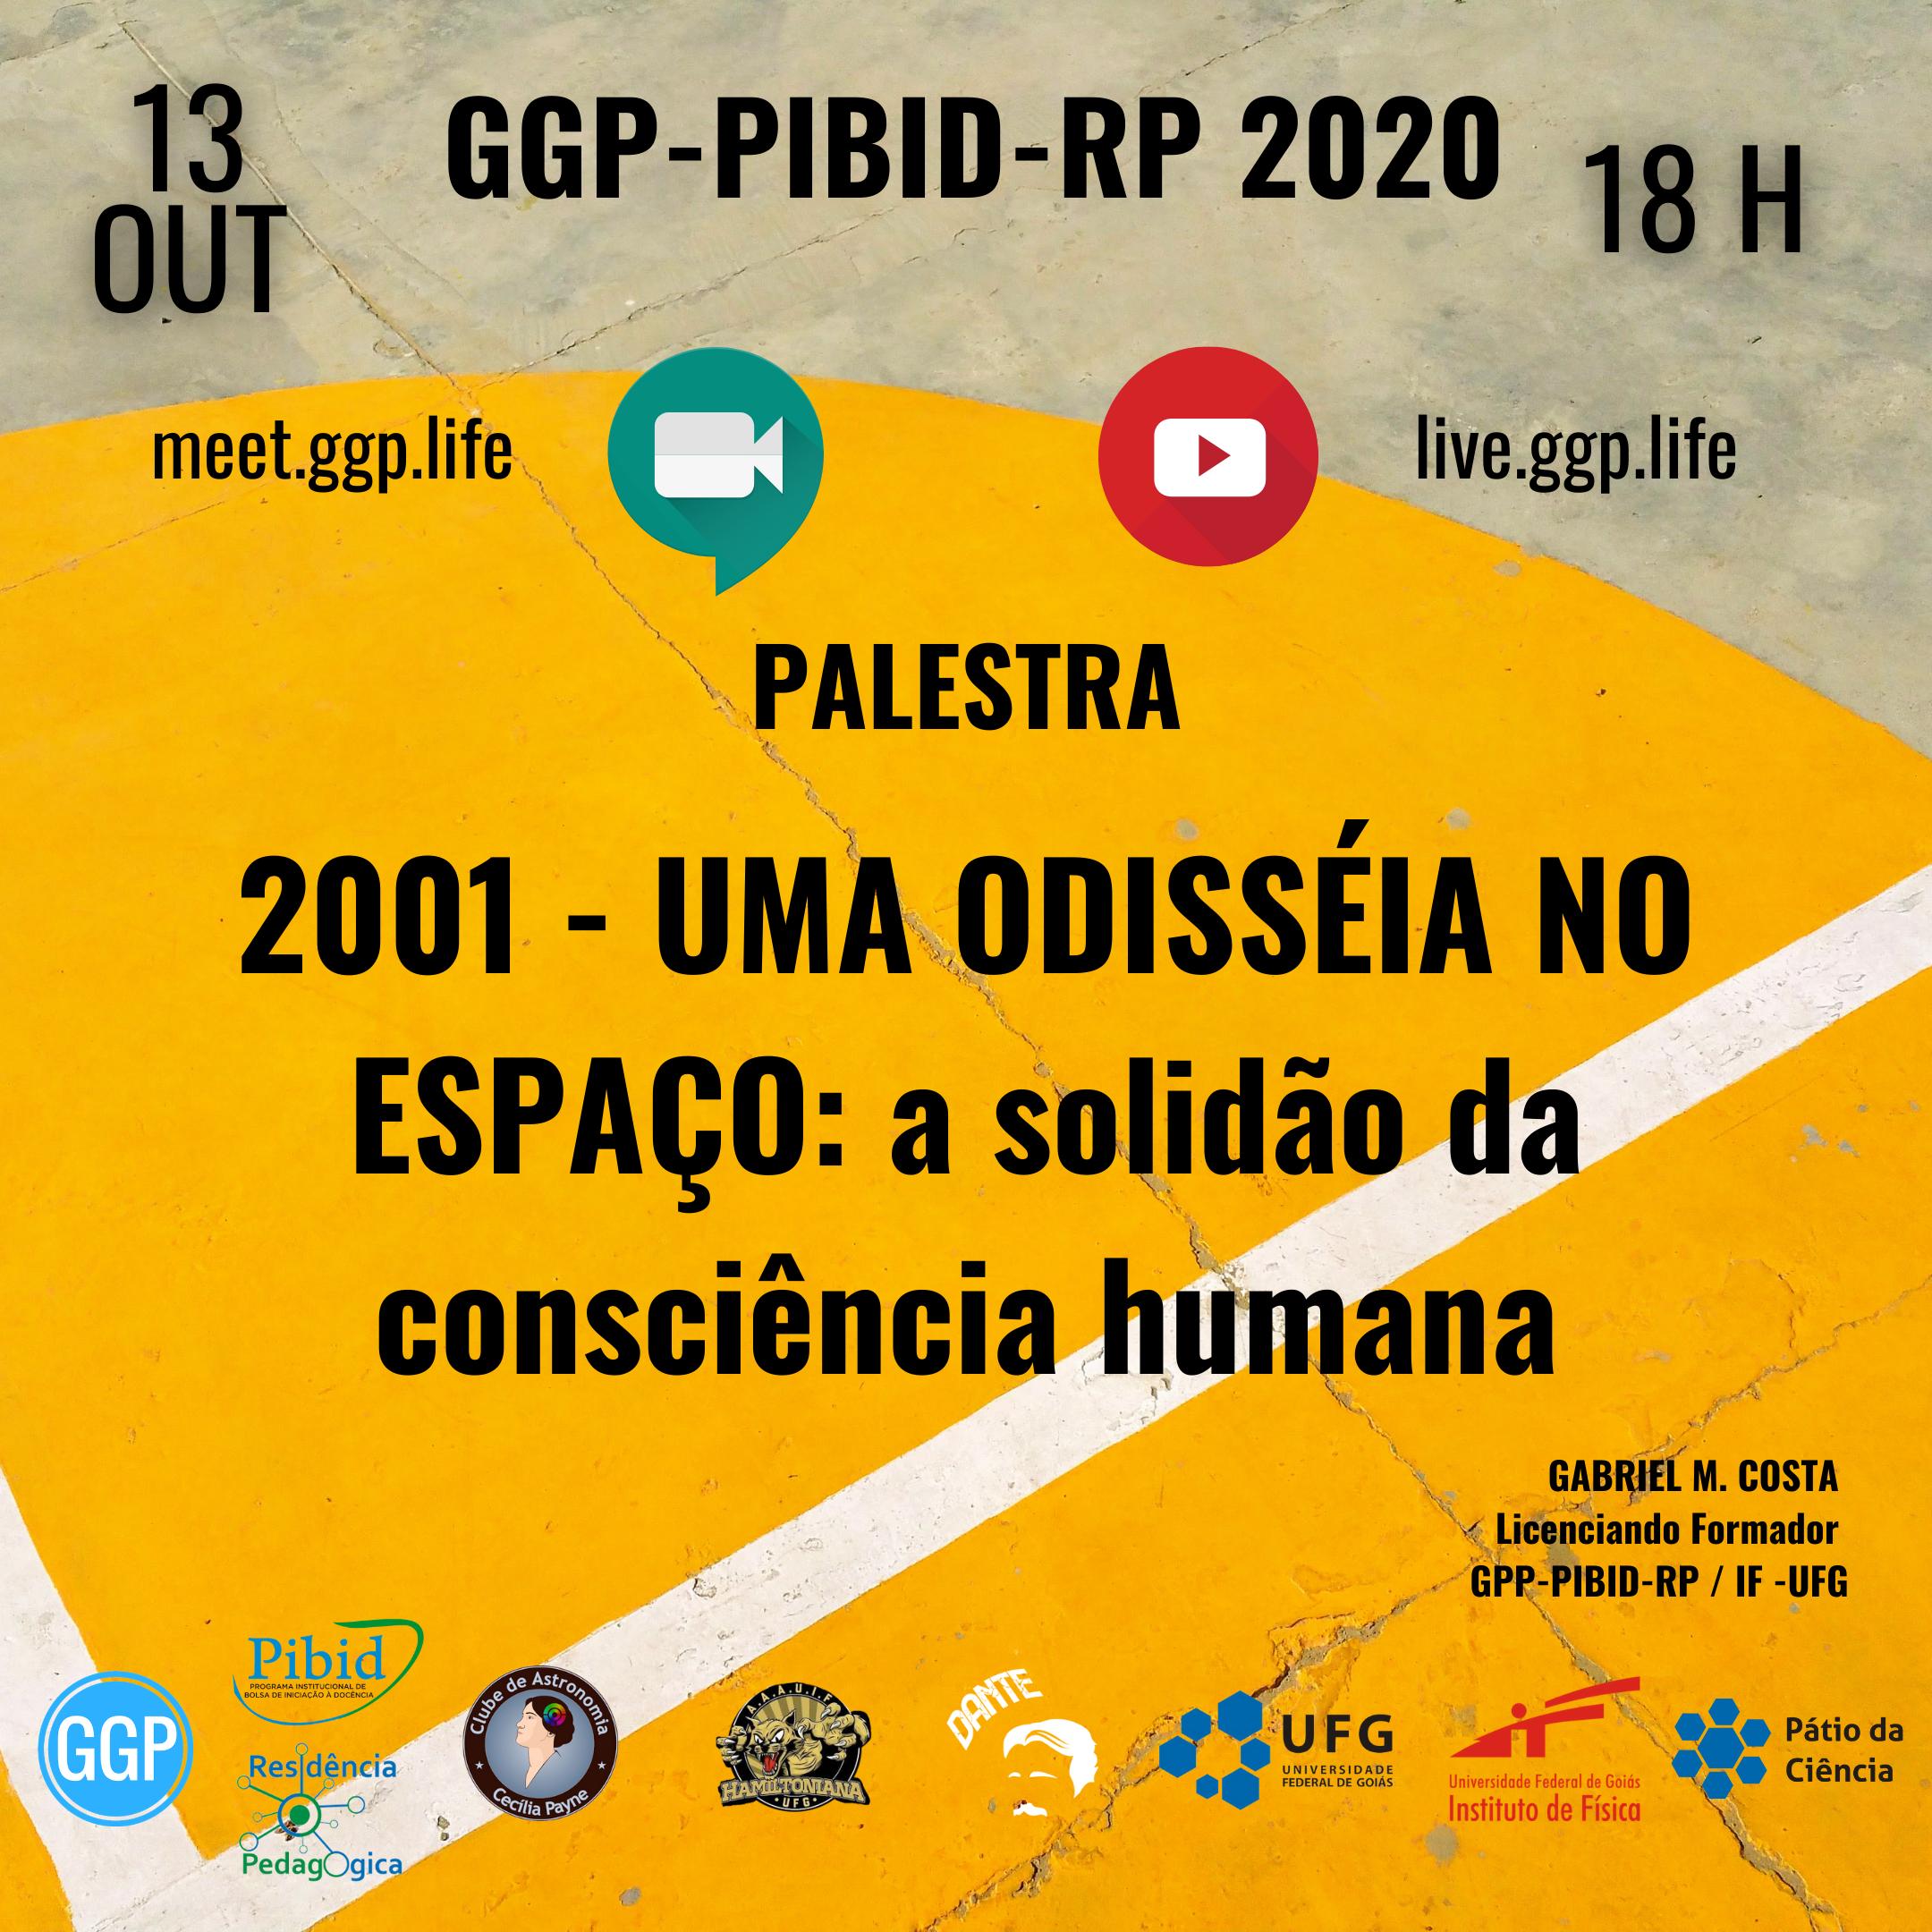 FEED FOLDER Palestra GGP_PIBID_RP 2001 UMA ODISSEIA NO ESPACO 13 OUT 2020